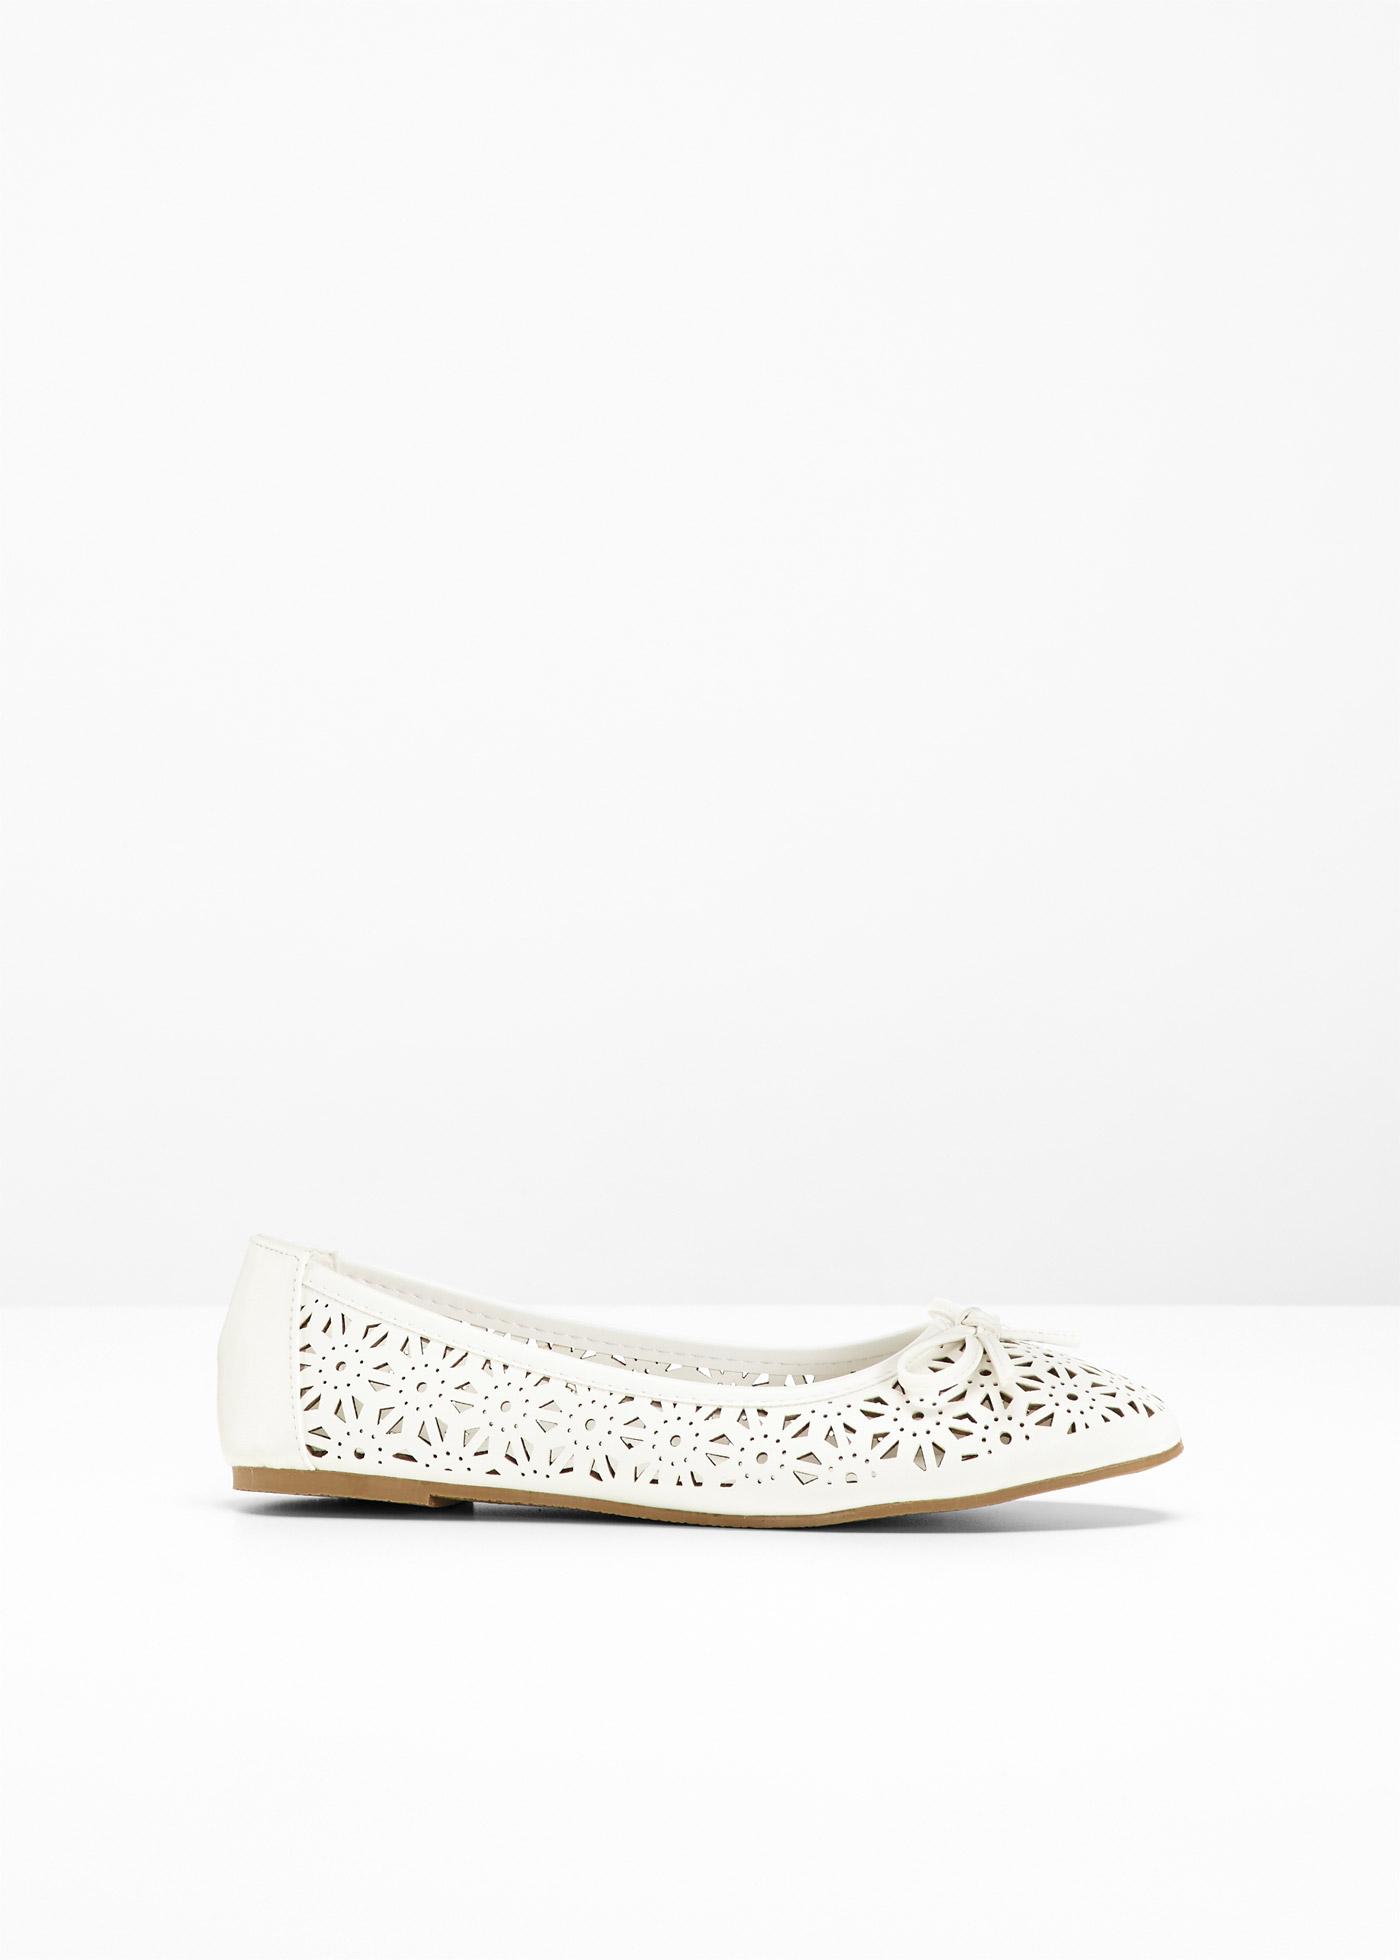 Pour Blanc CollectionBallerines Bpc Largeurs 2 Femme Bonprix En cRqS3A54jL